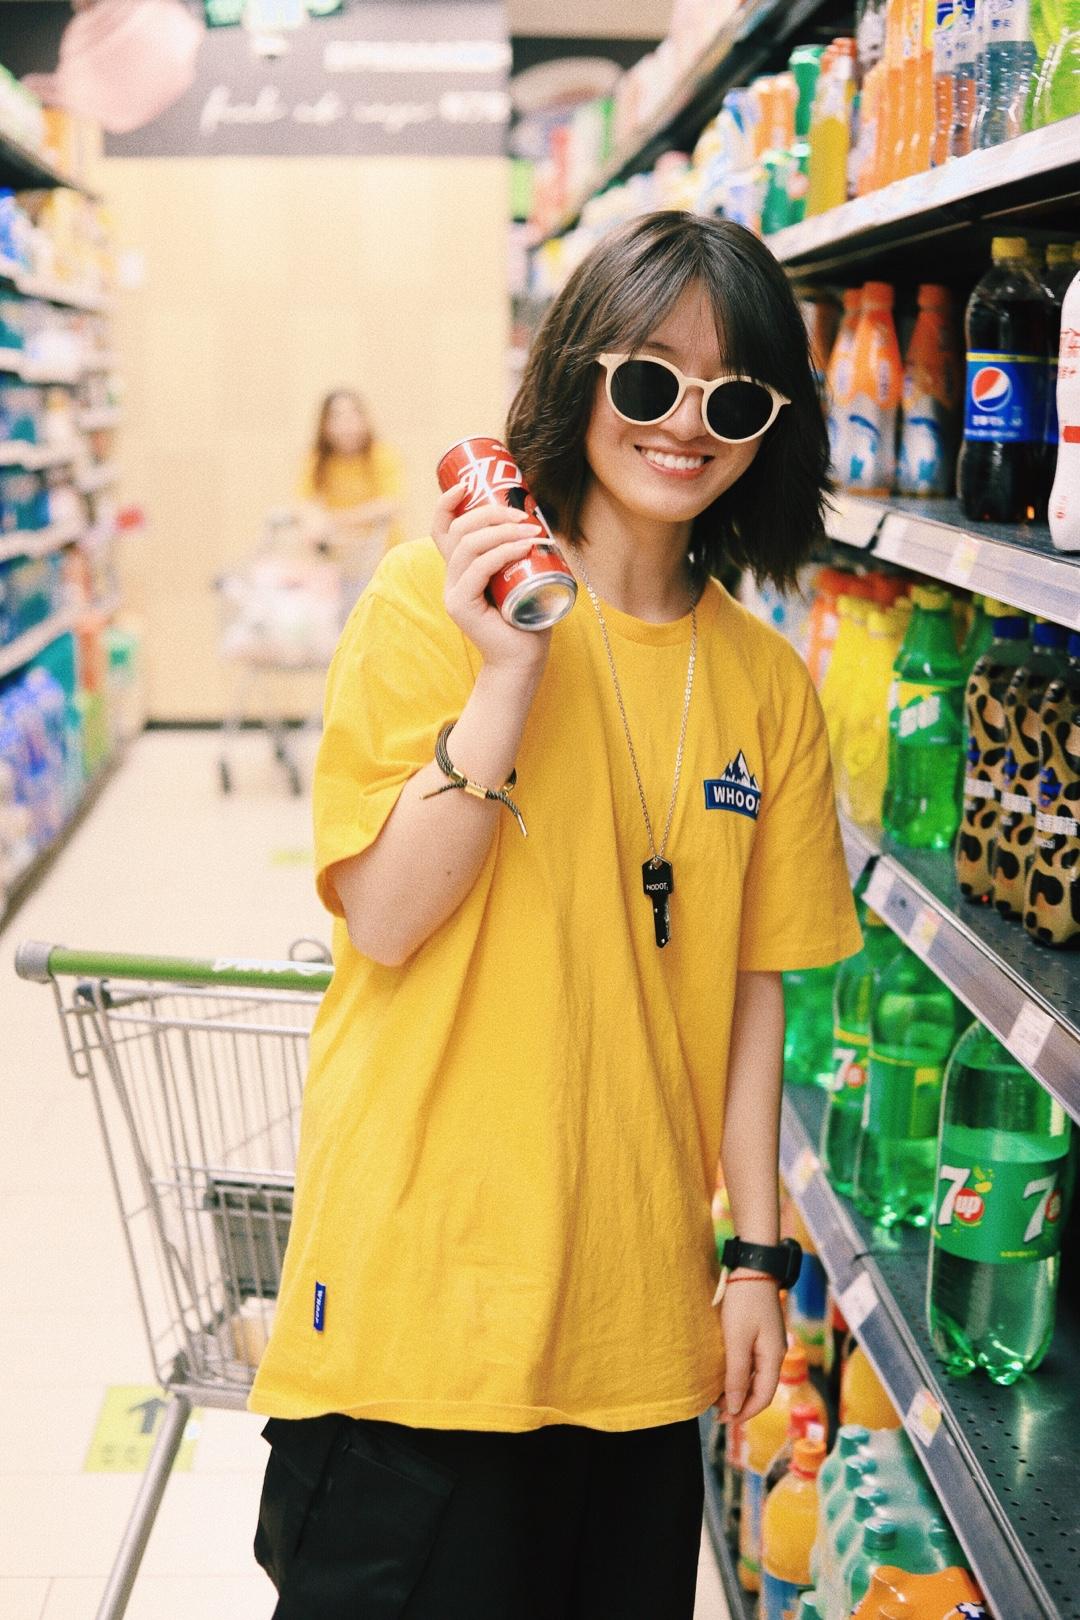 上身是一件黄色印花短 超级显白的颜色啦 下身是一条黑色工装中裤 搭配一双黄色aj1新欢 戴上一副米白色的墨镜 这样一身颜色就很好看啦 还有点酷酷的呢 #小黑妹显白自救攻略#